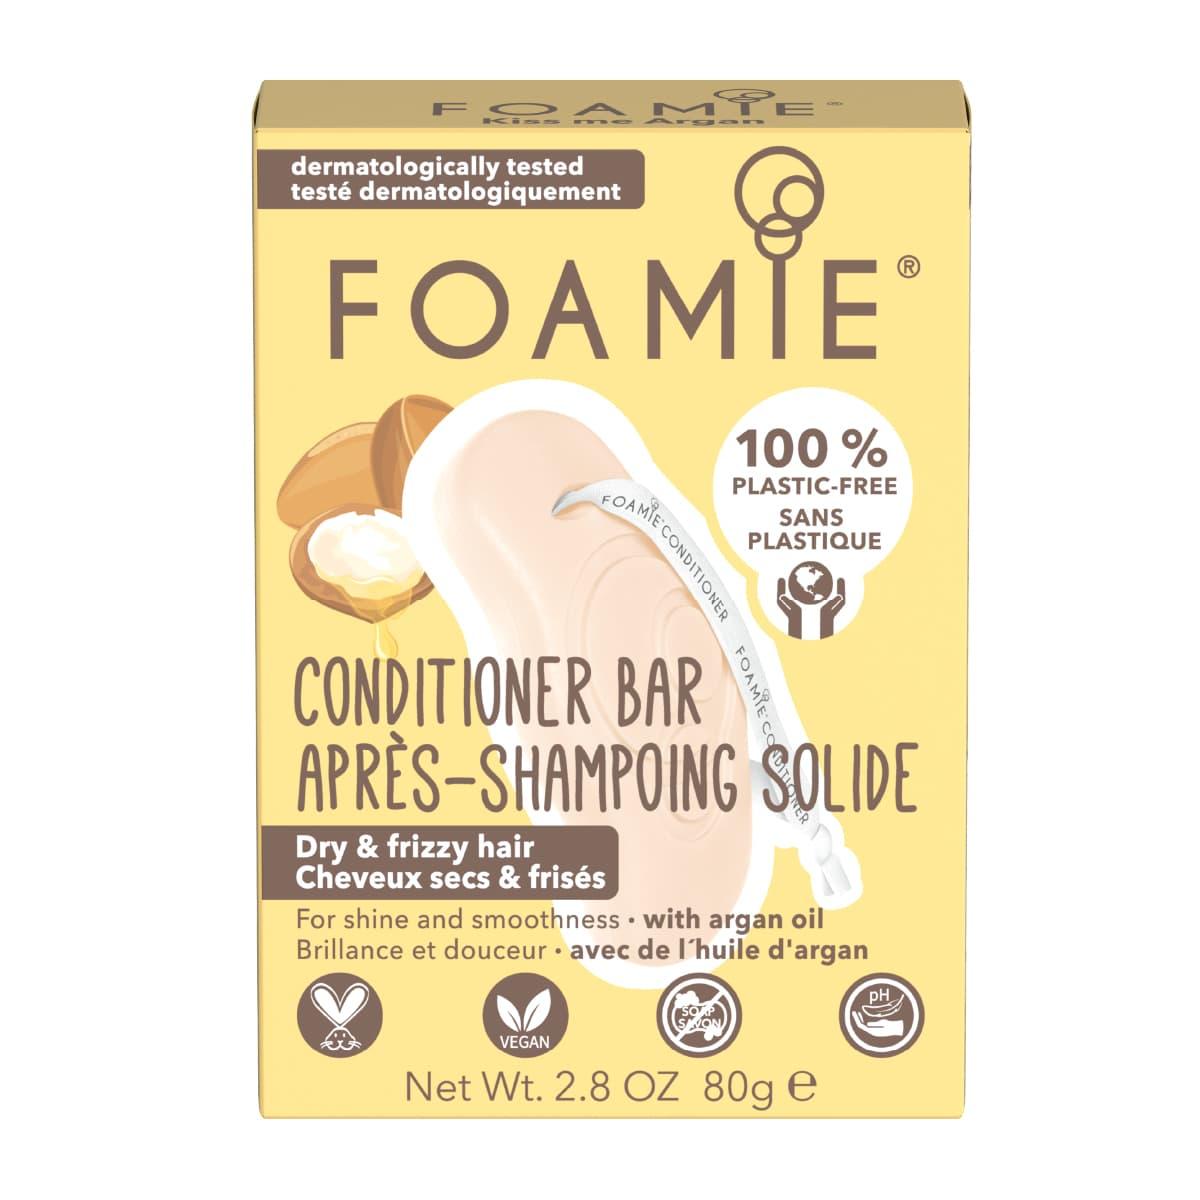 Foamie - Après-shampoing solide - Kiss Me Argan